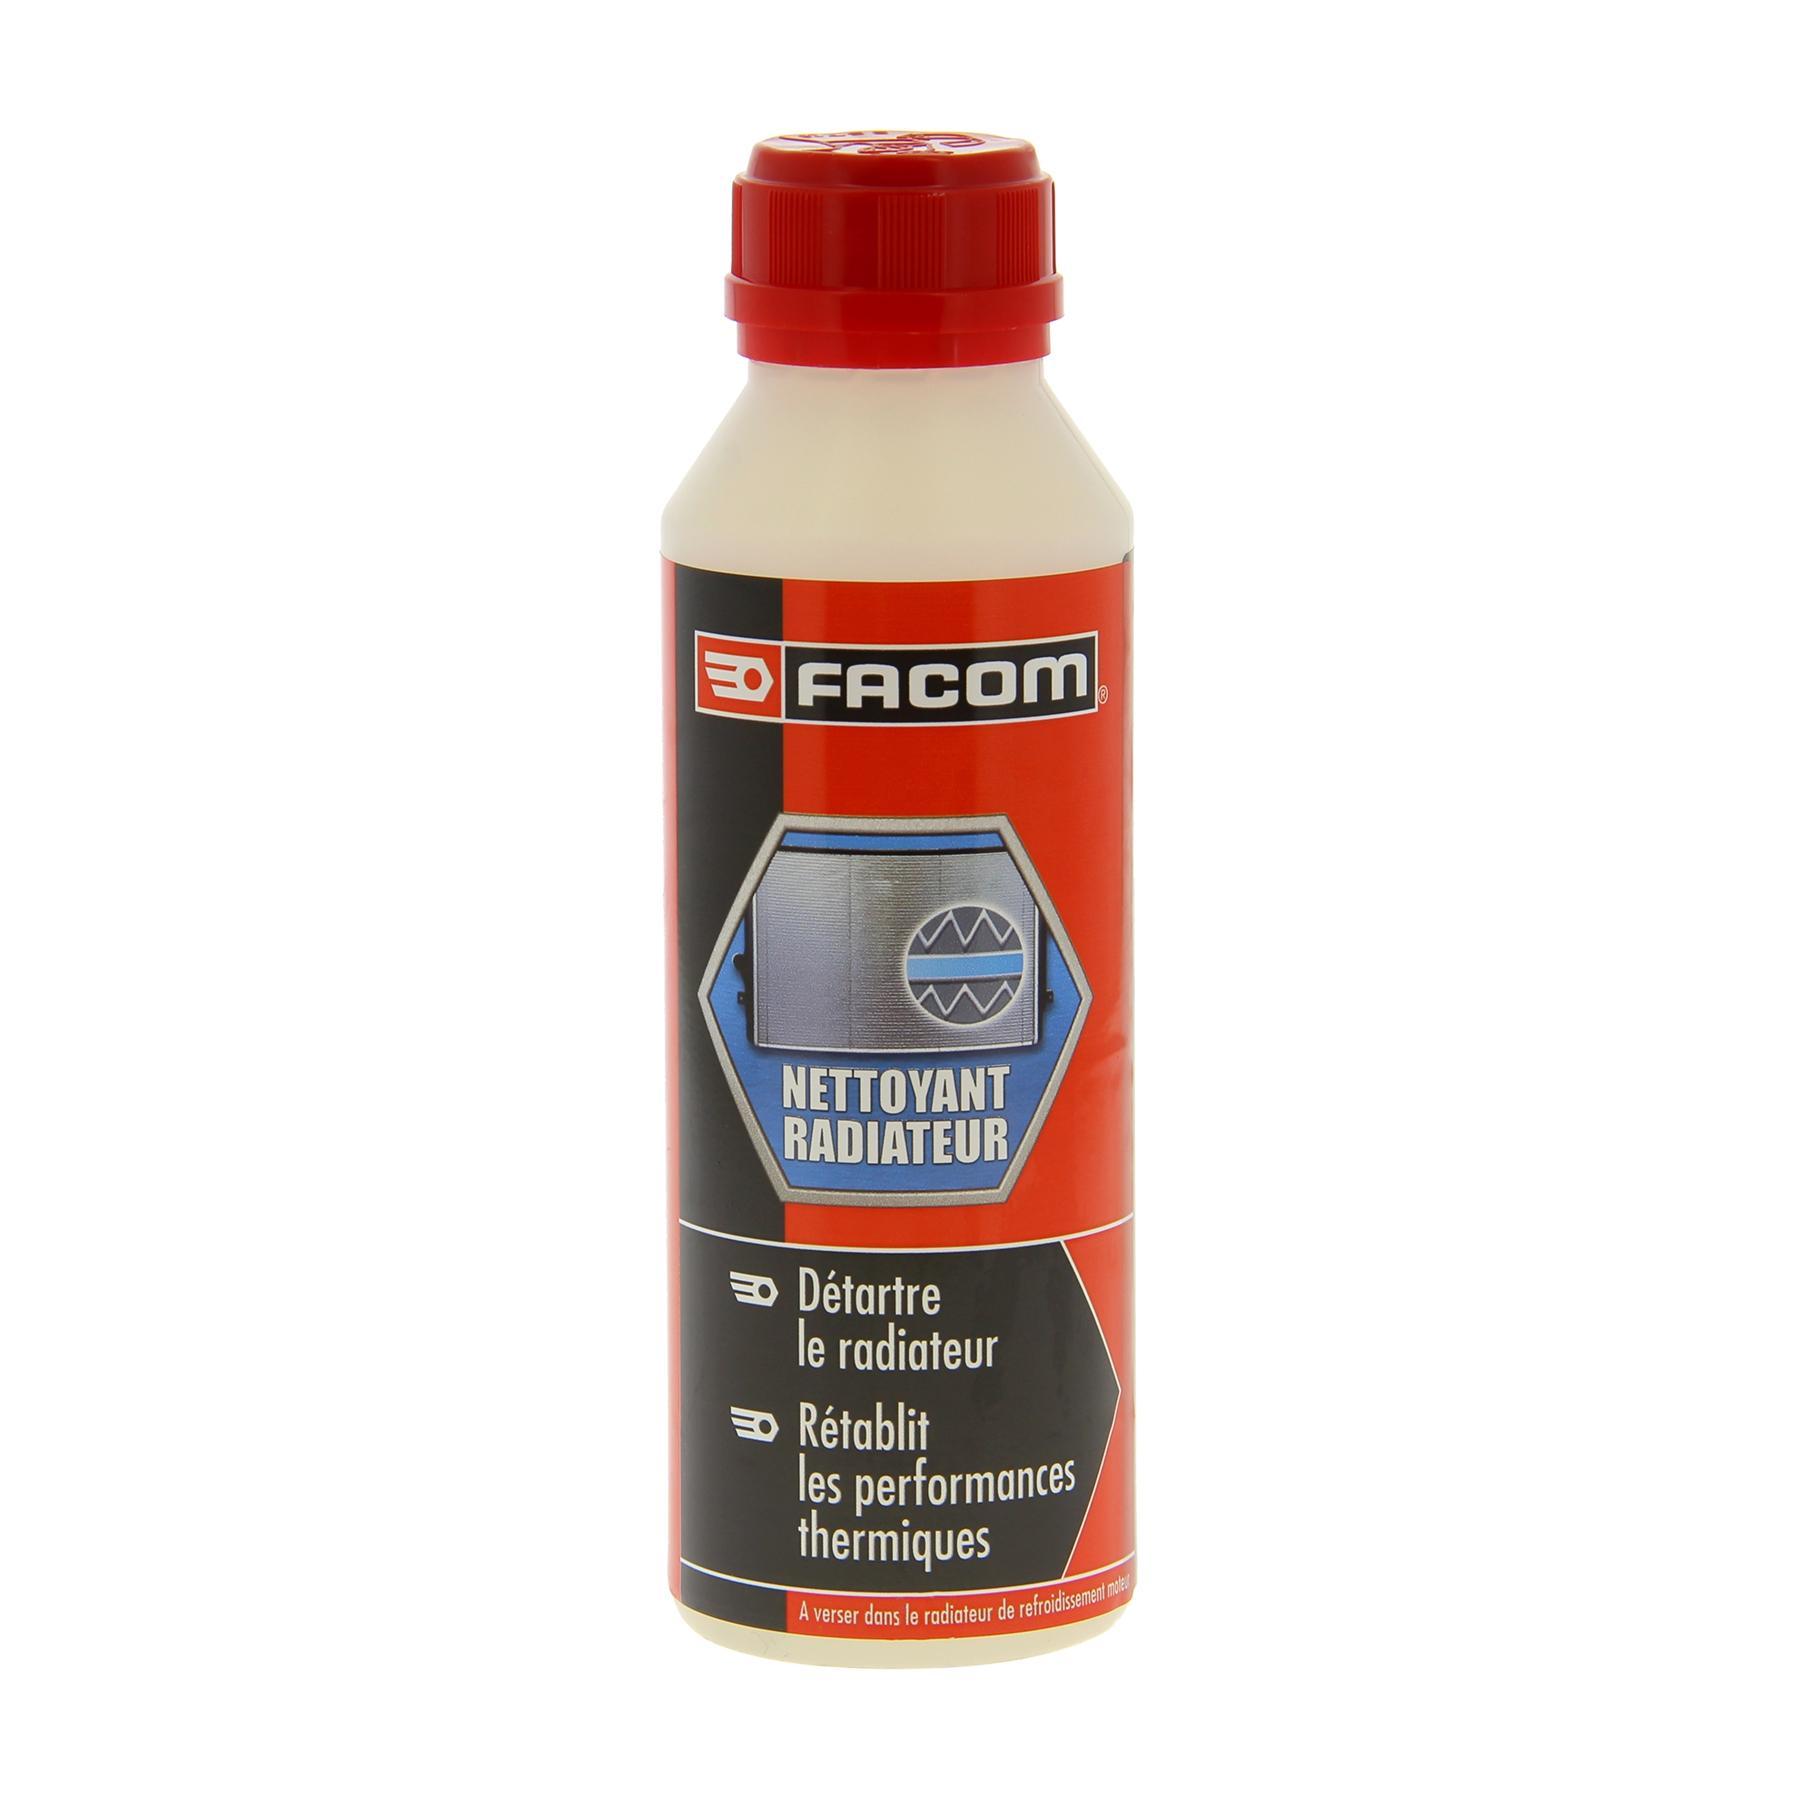 Pirkti 006011 FACOM butelis, turinys: 250ml Valiklis, aušinimo sistema 006011 nebrangu